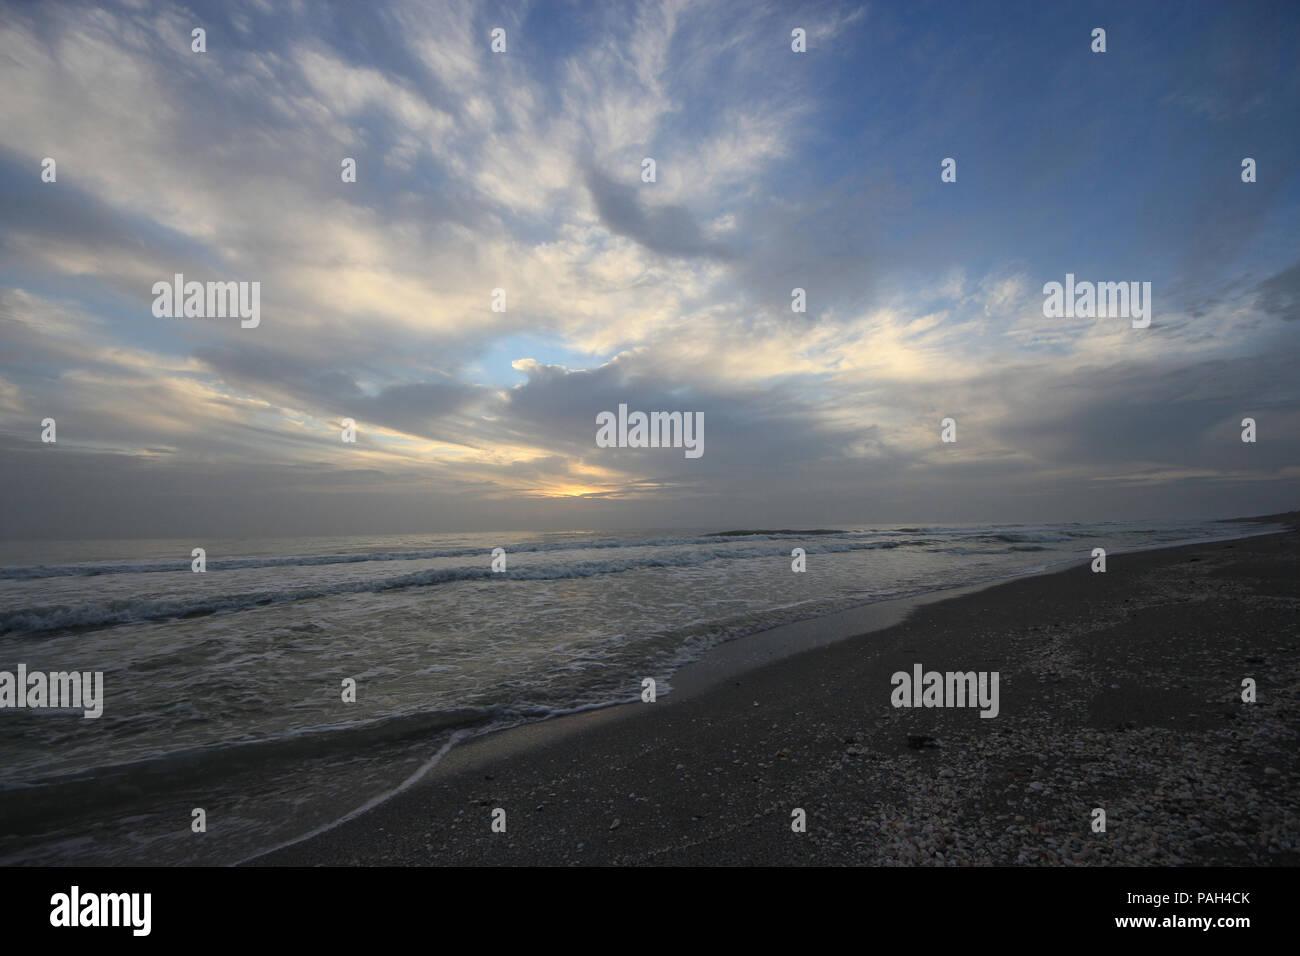 Sunset over the Gulf of Mexico on Captiva Island off Florida's west coast, United States. Stock Photo